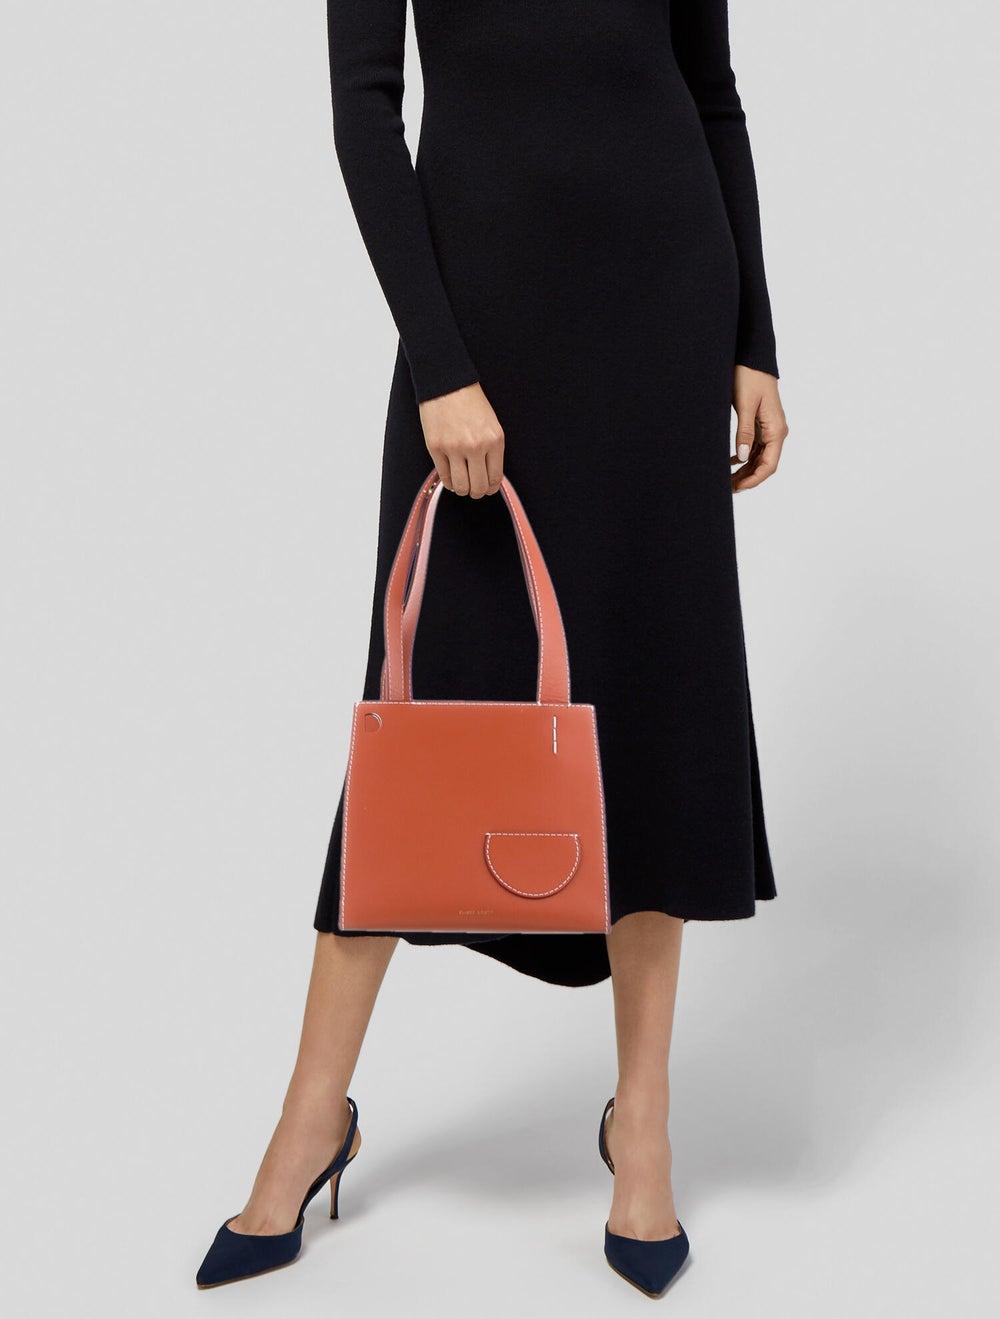 Danse Lente Leather Shoulder Bag Orange - image 2